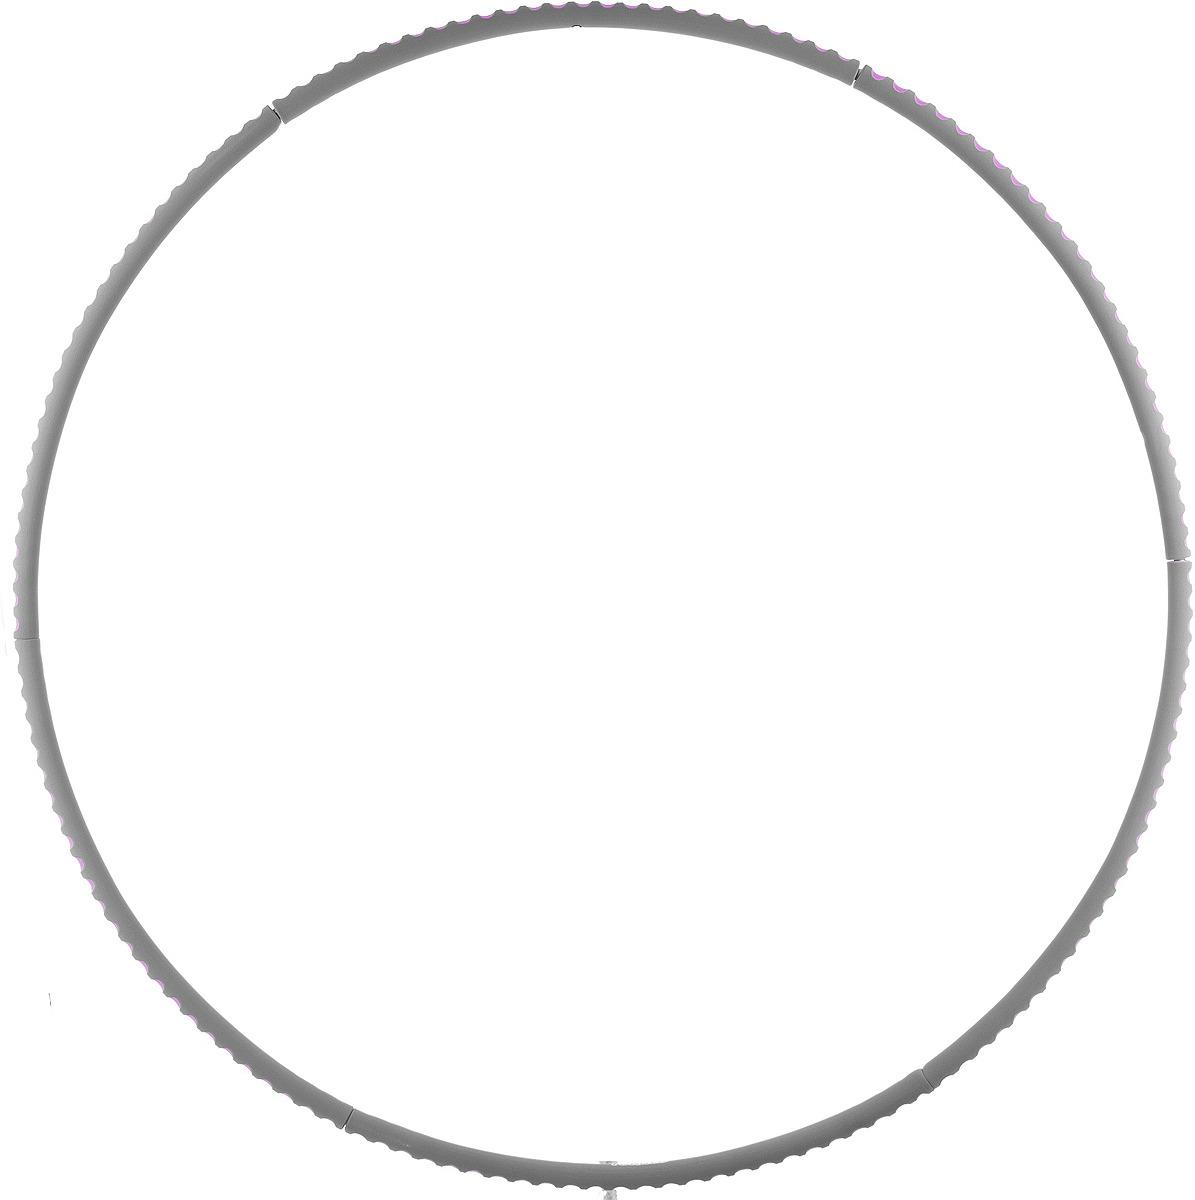 Обруч для фитнеса Torneo, цвет: серый torneo фрисби torneo flying sun